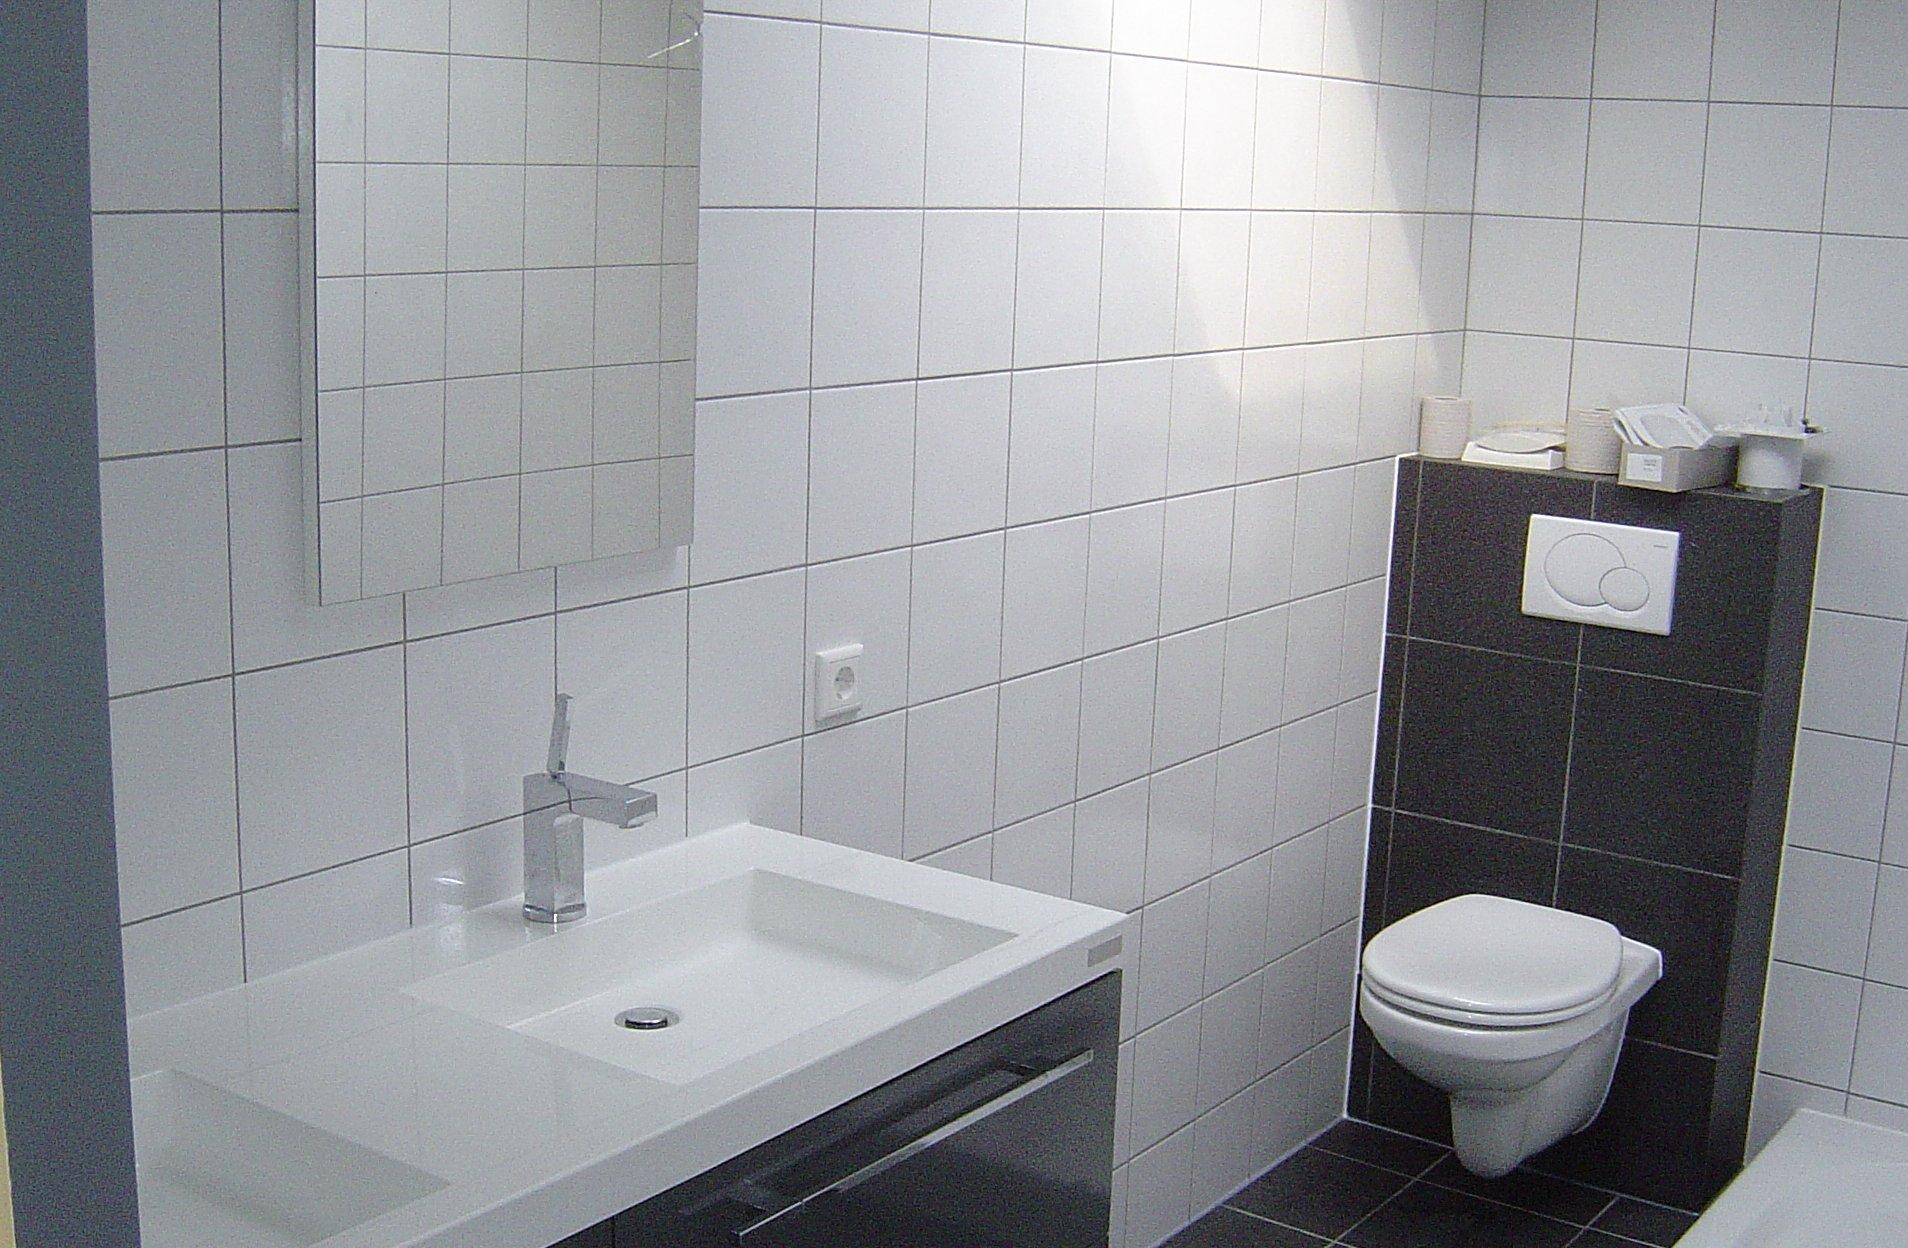 Installatiebedrijf Assen - Lanting Technische Installaties